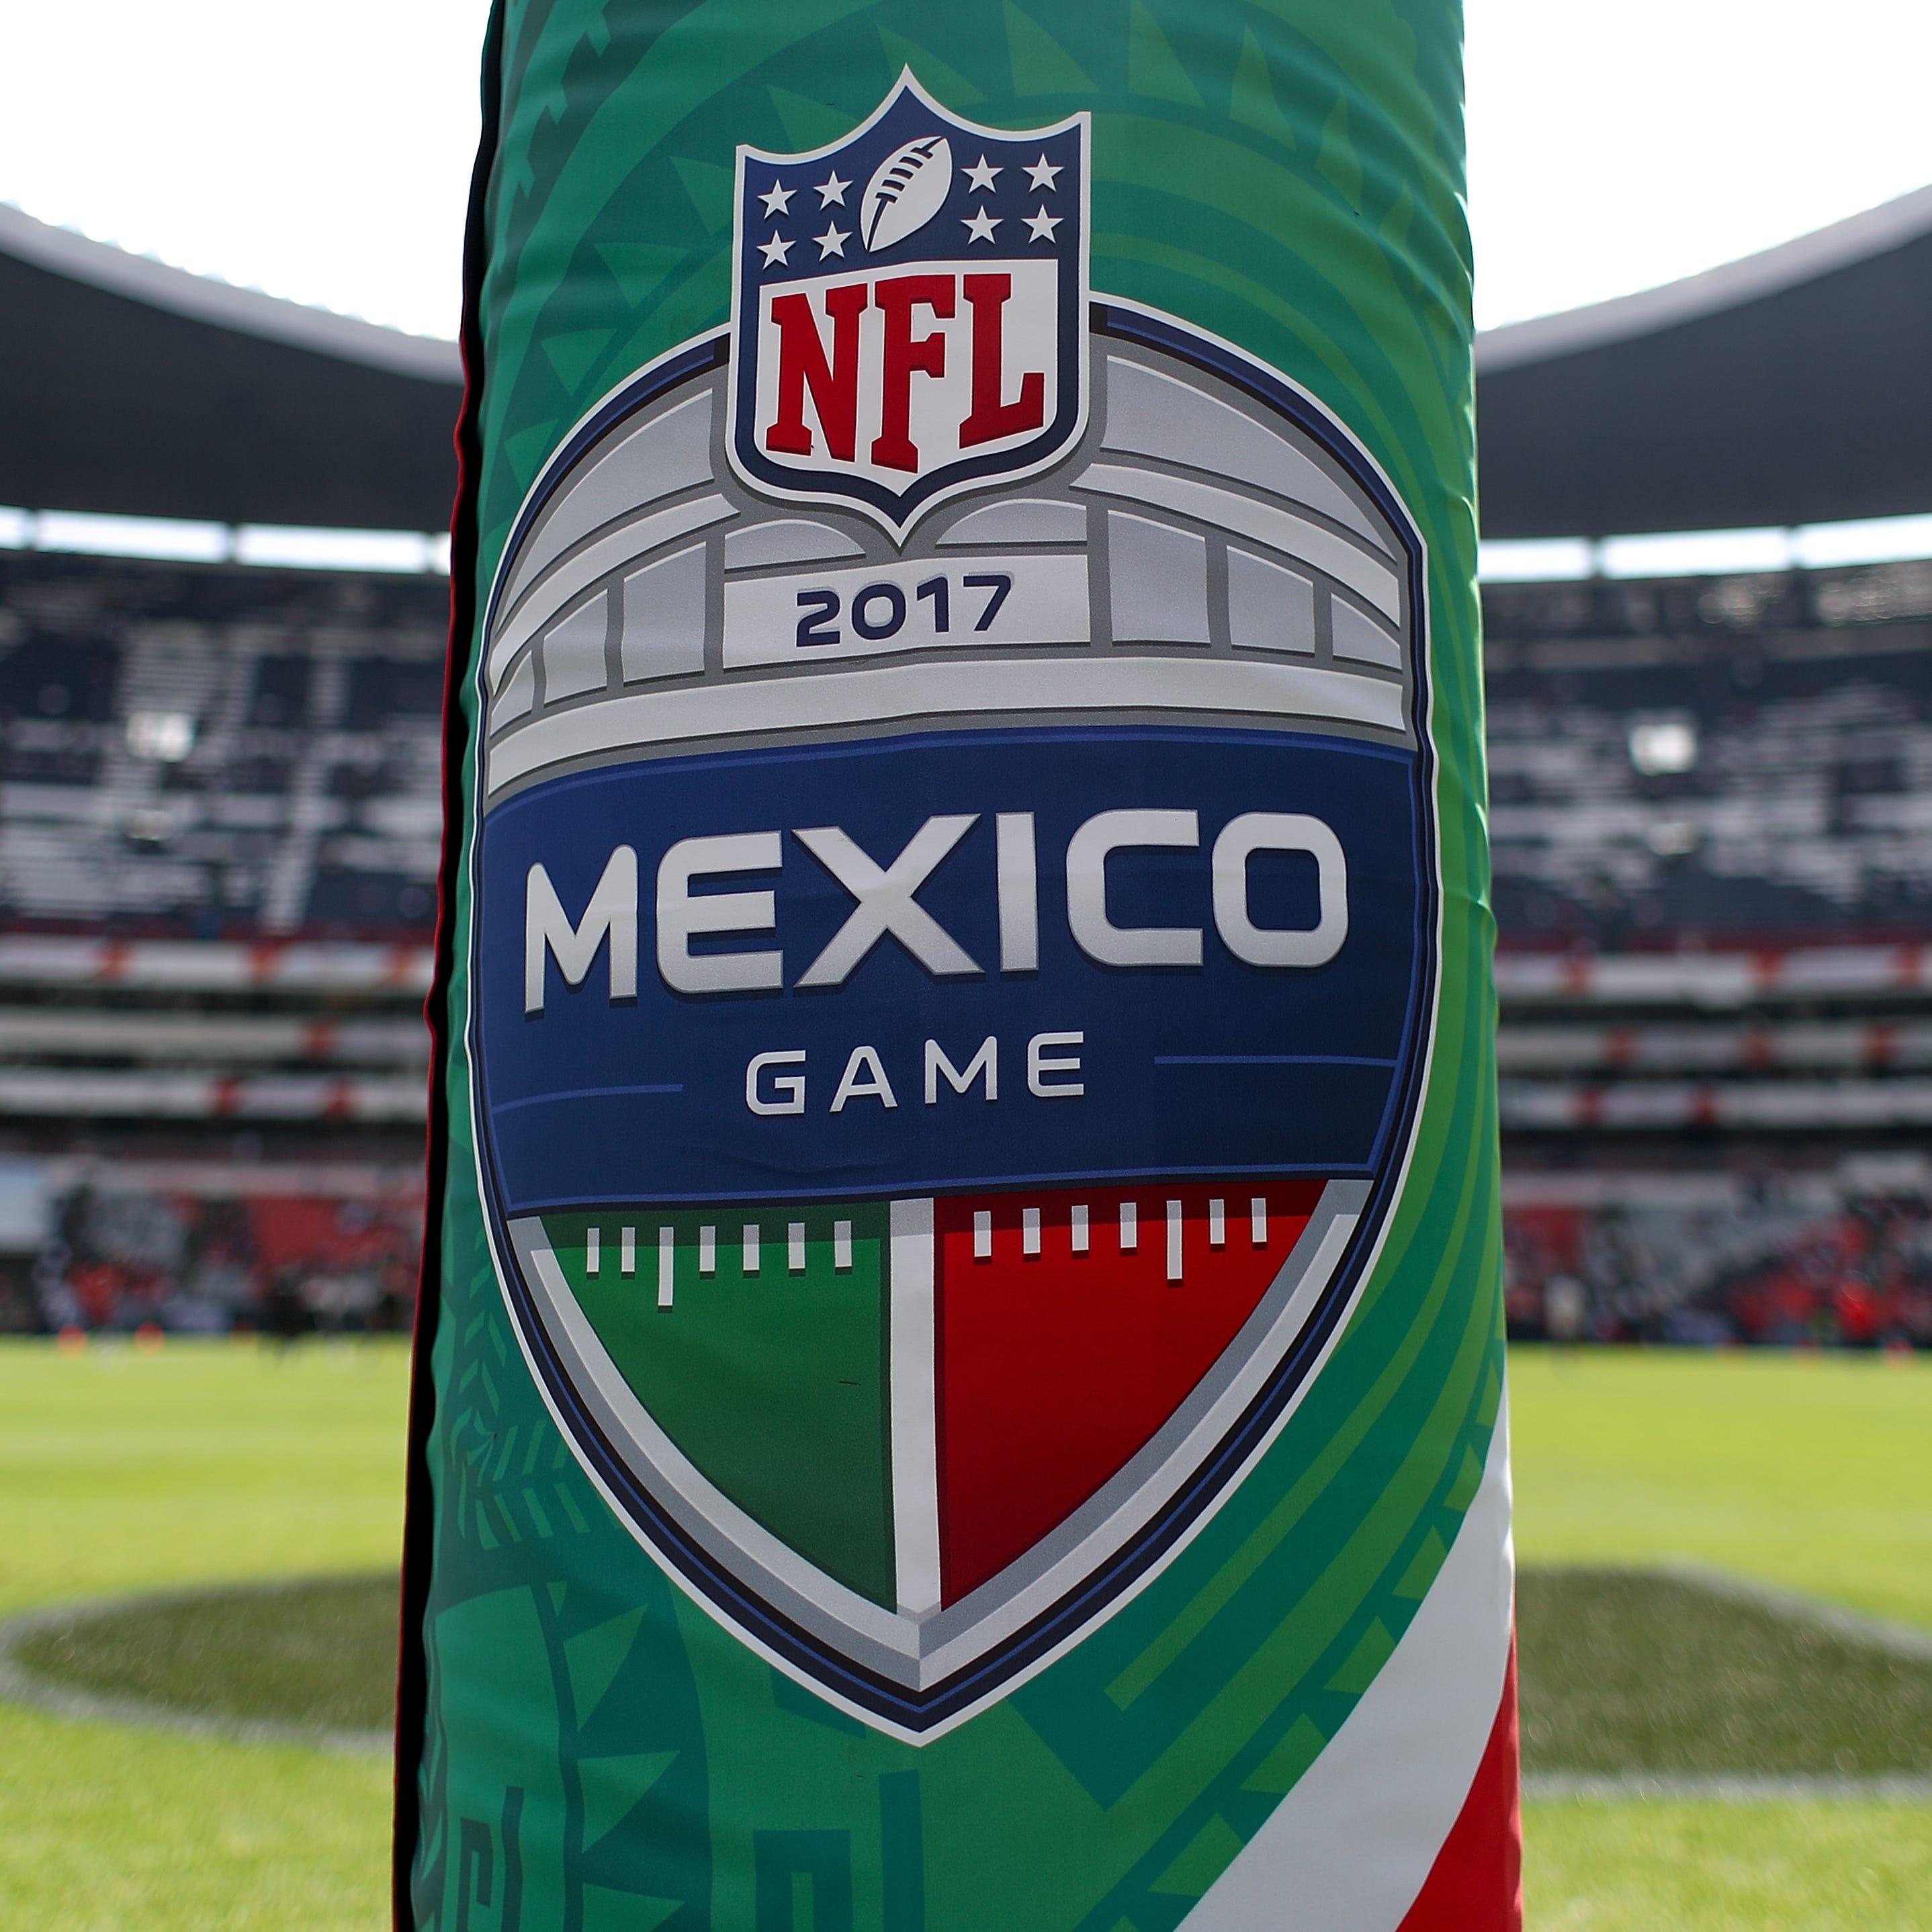 La NFL cancela el partido en México por las malas condiciones del campo